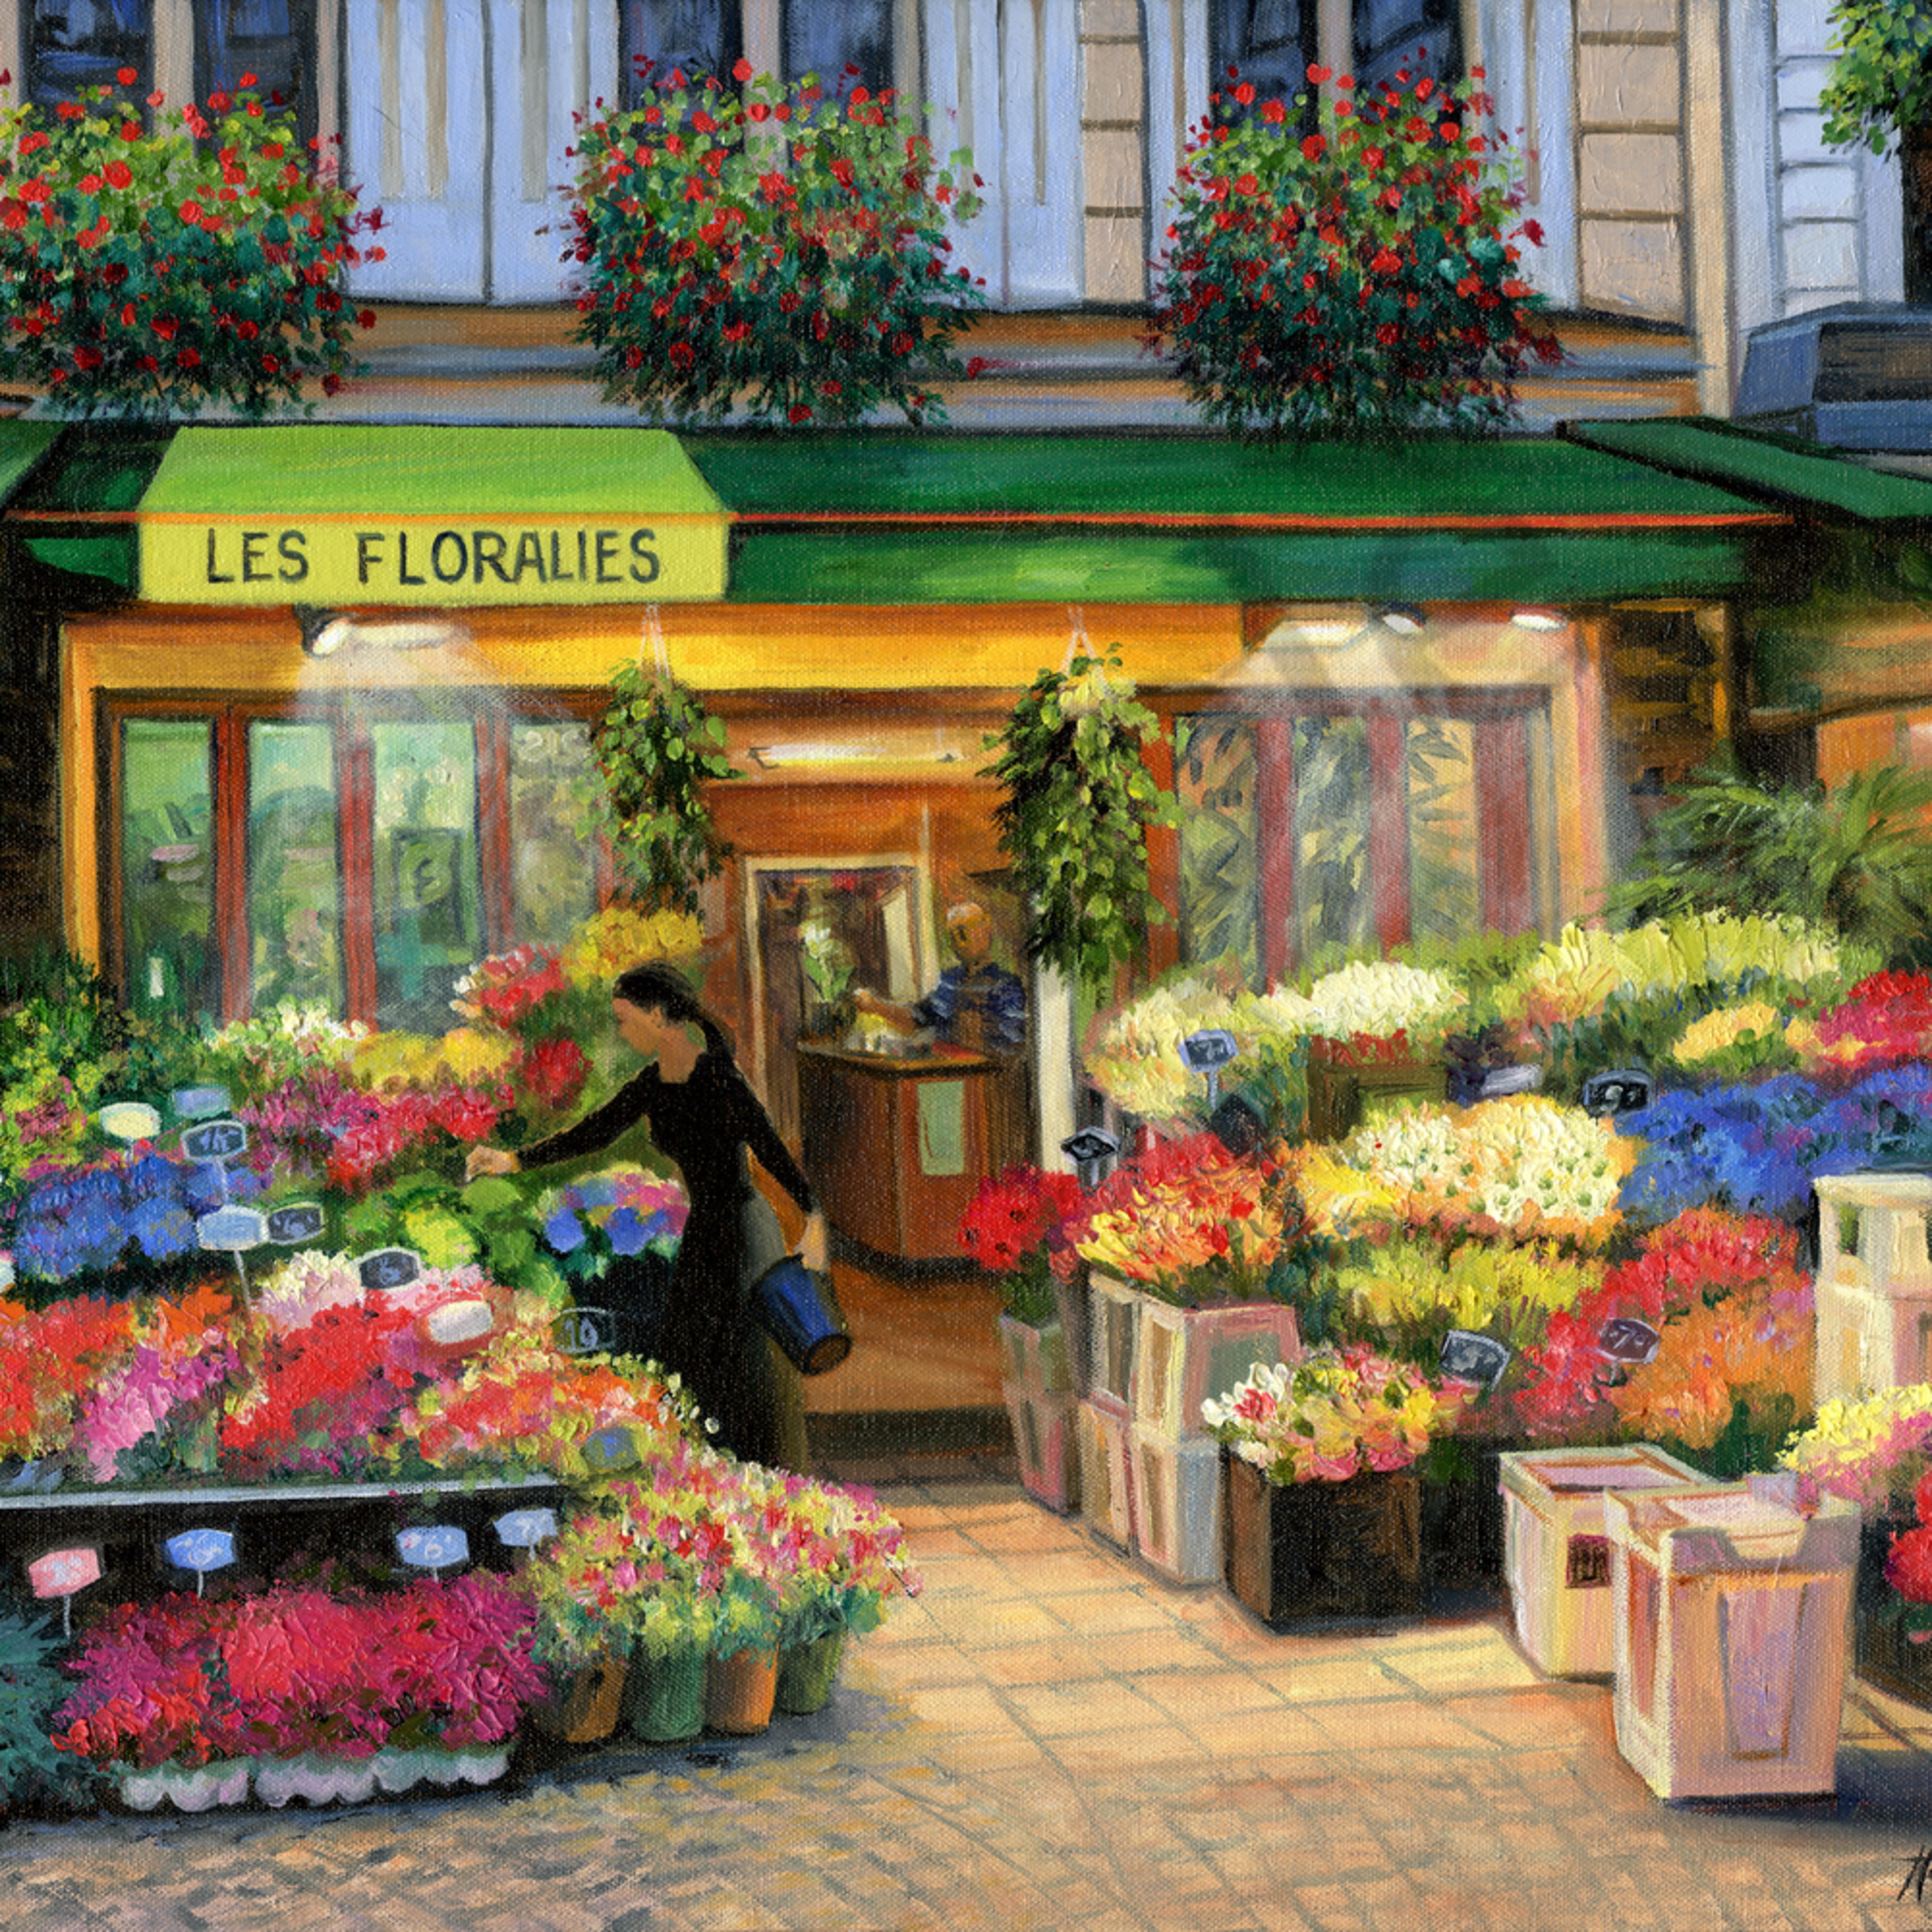 Les floralies wob265